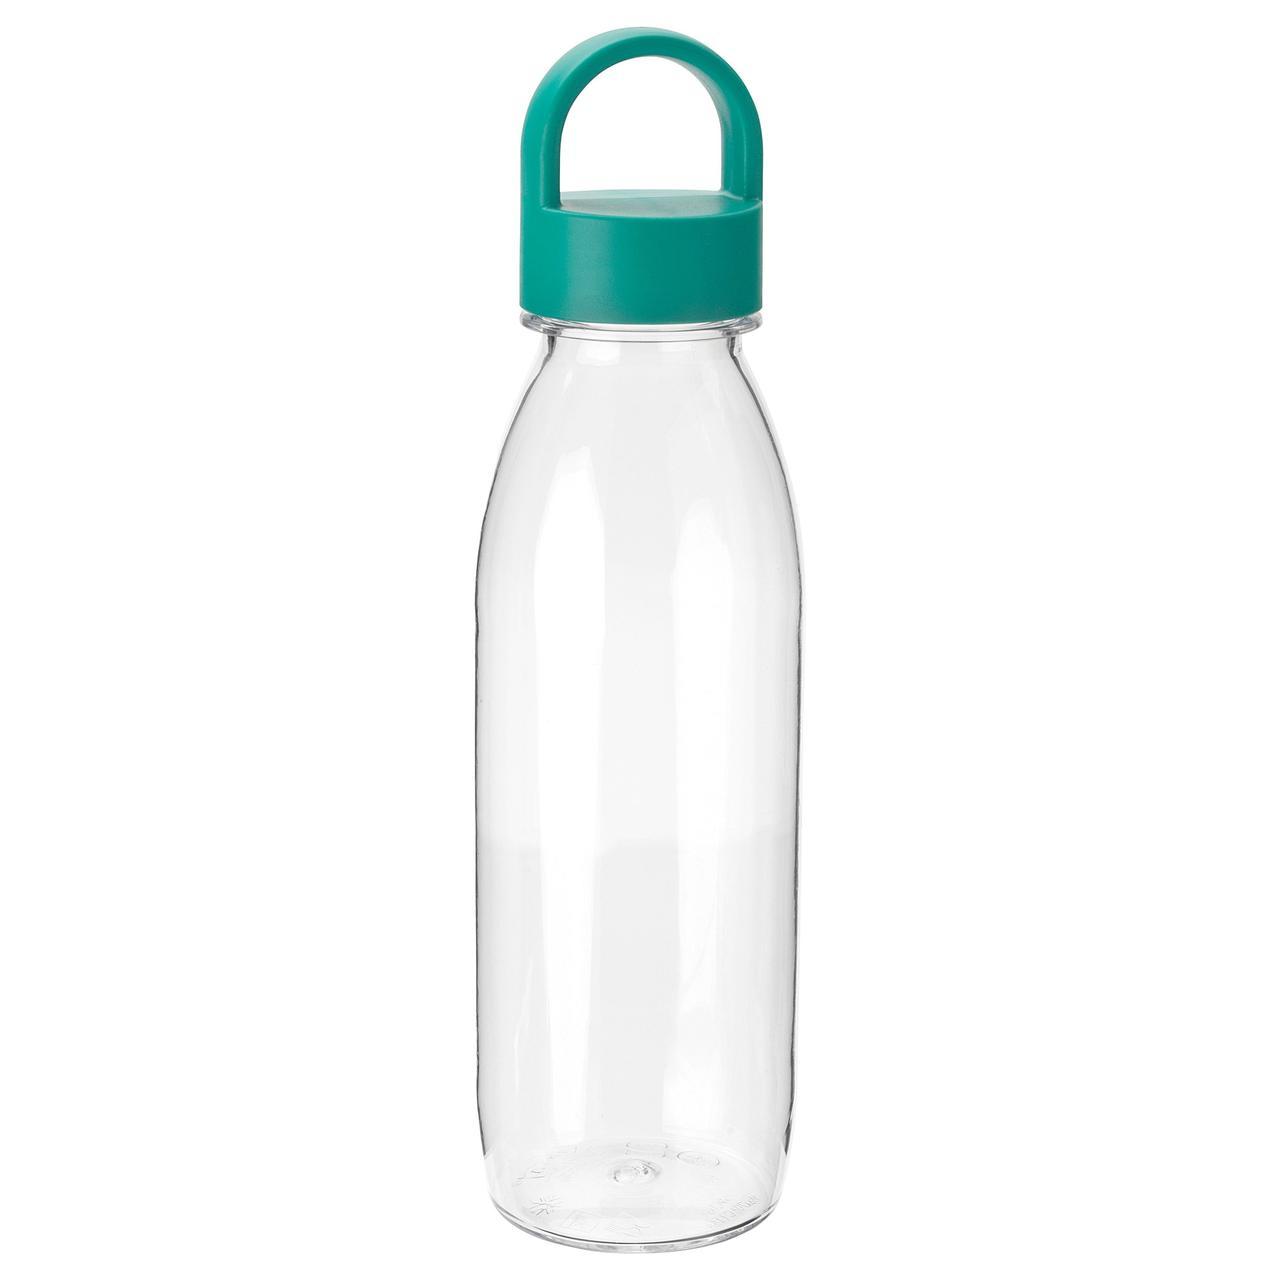 ИКЕА/365+ Бутылка для воды, зеленый